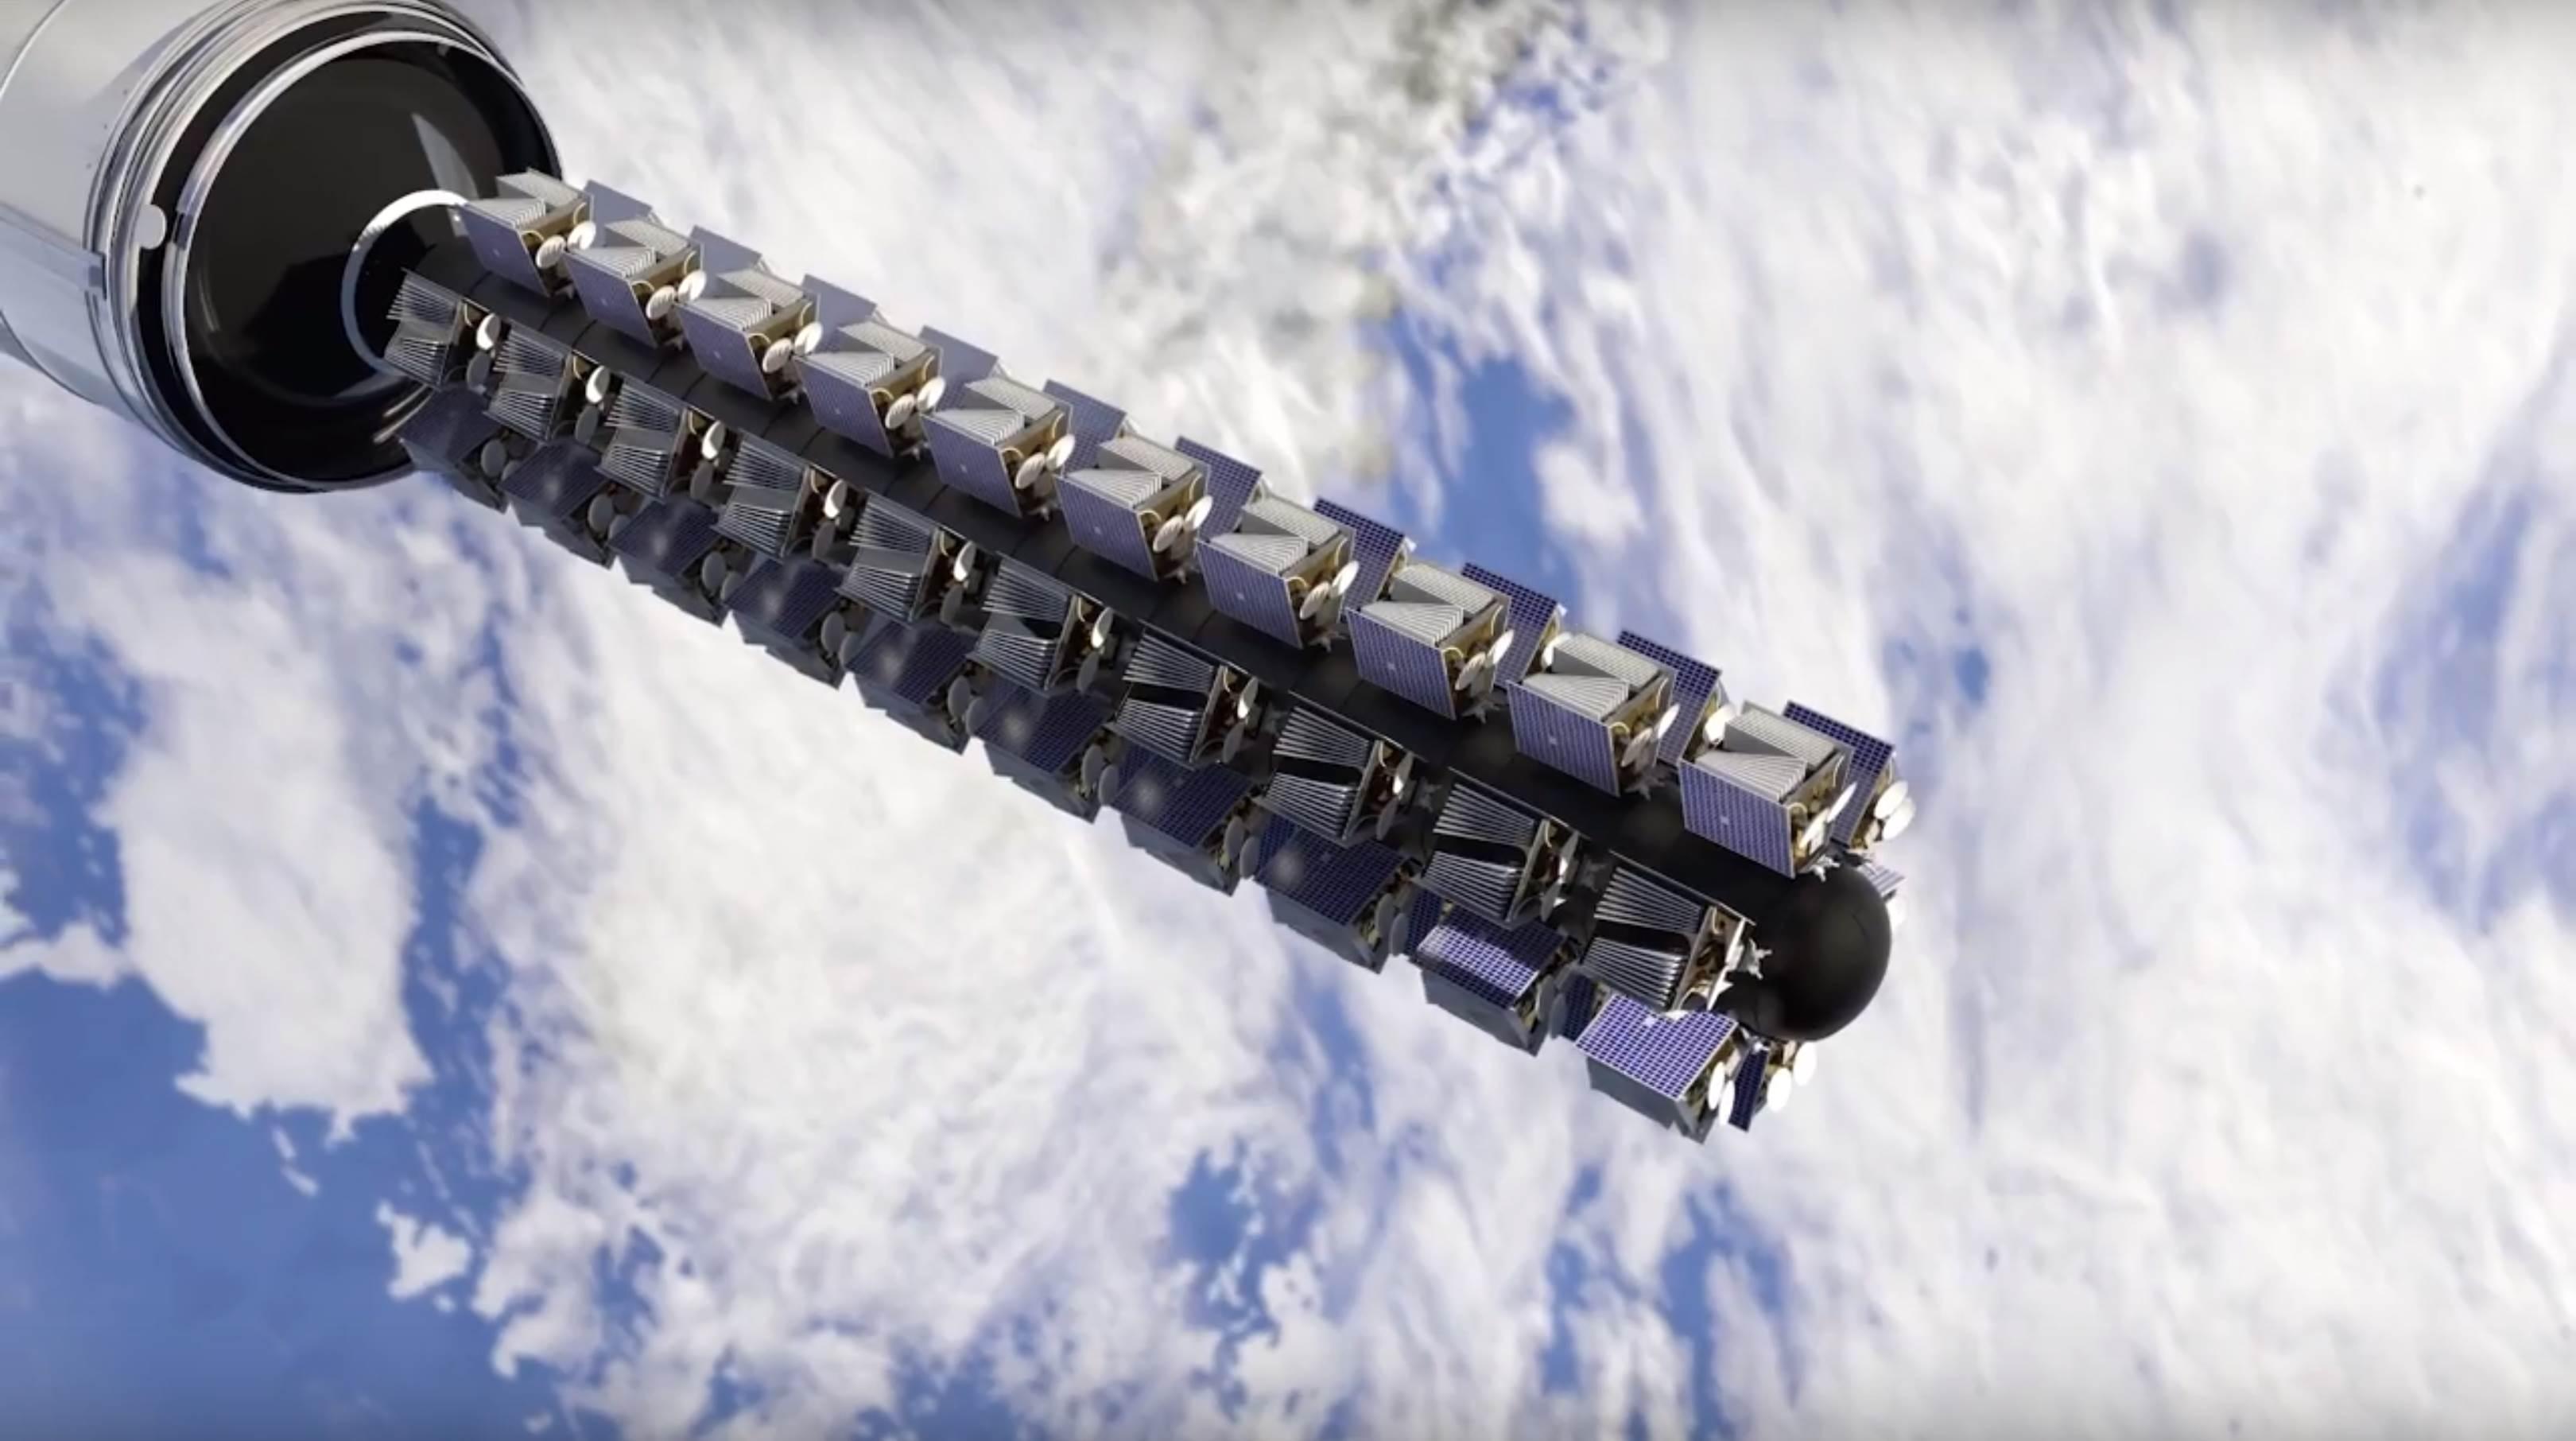 Ariane 6 OneWeb constellation dispenser (Arianespace) 5